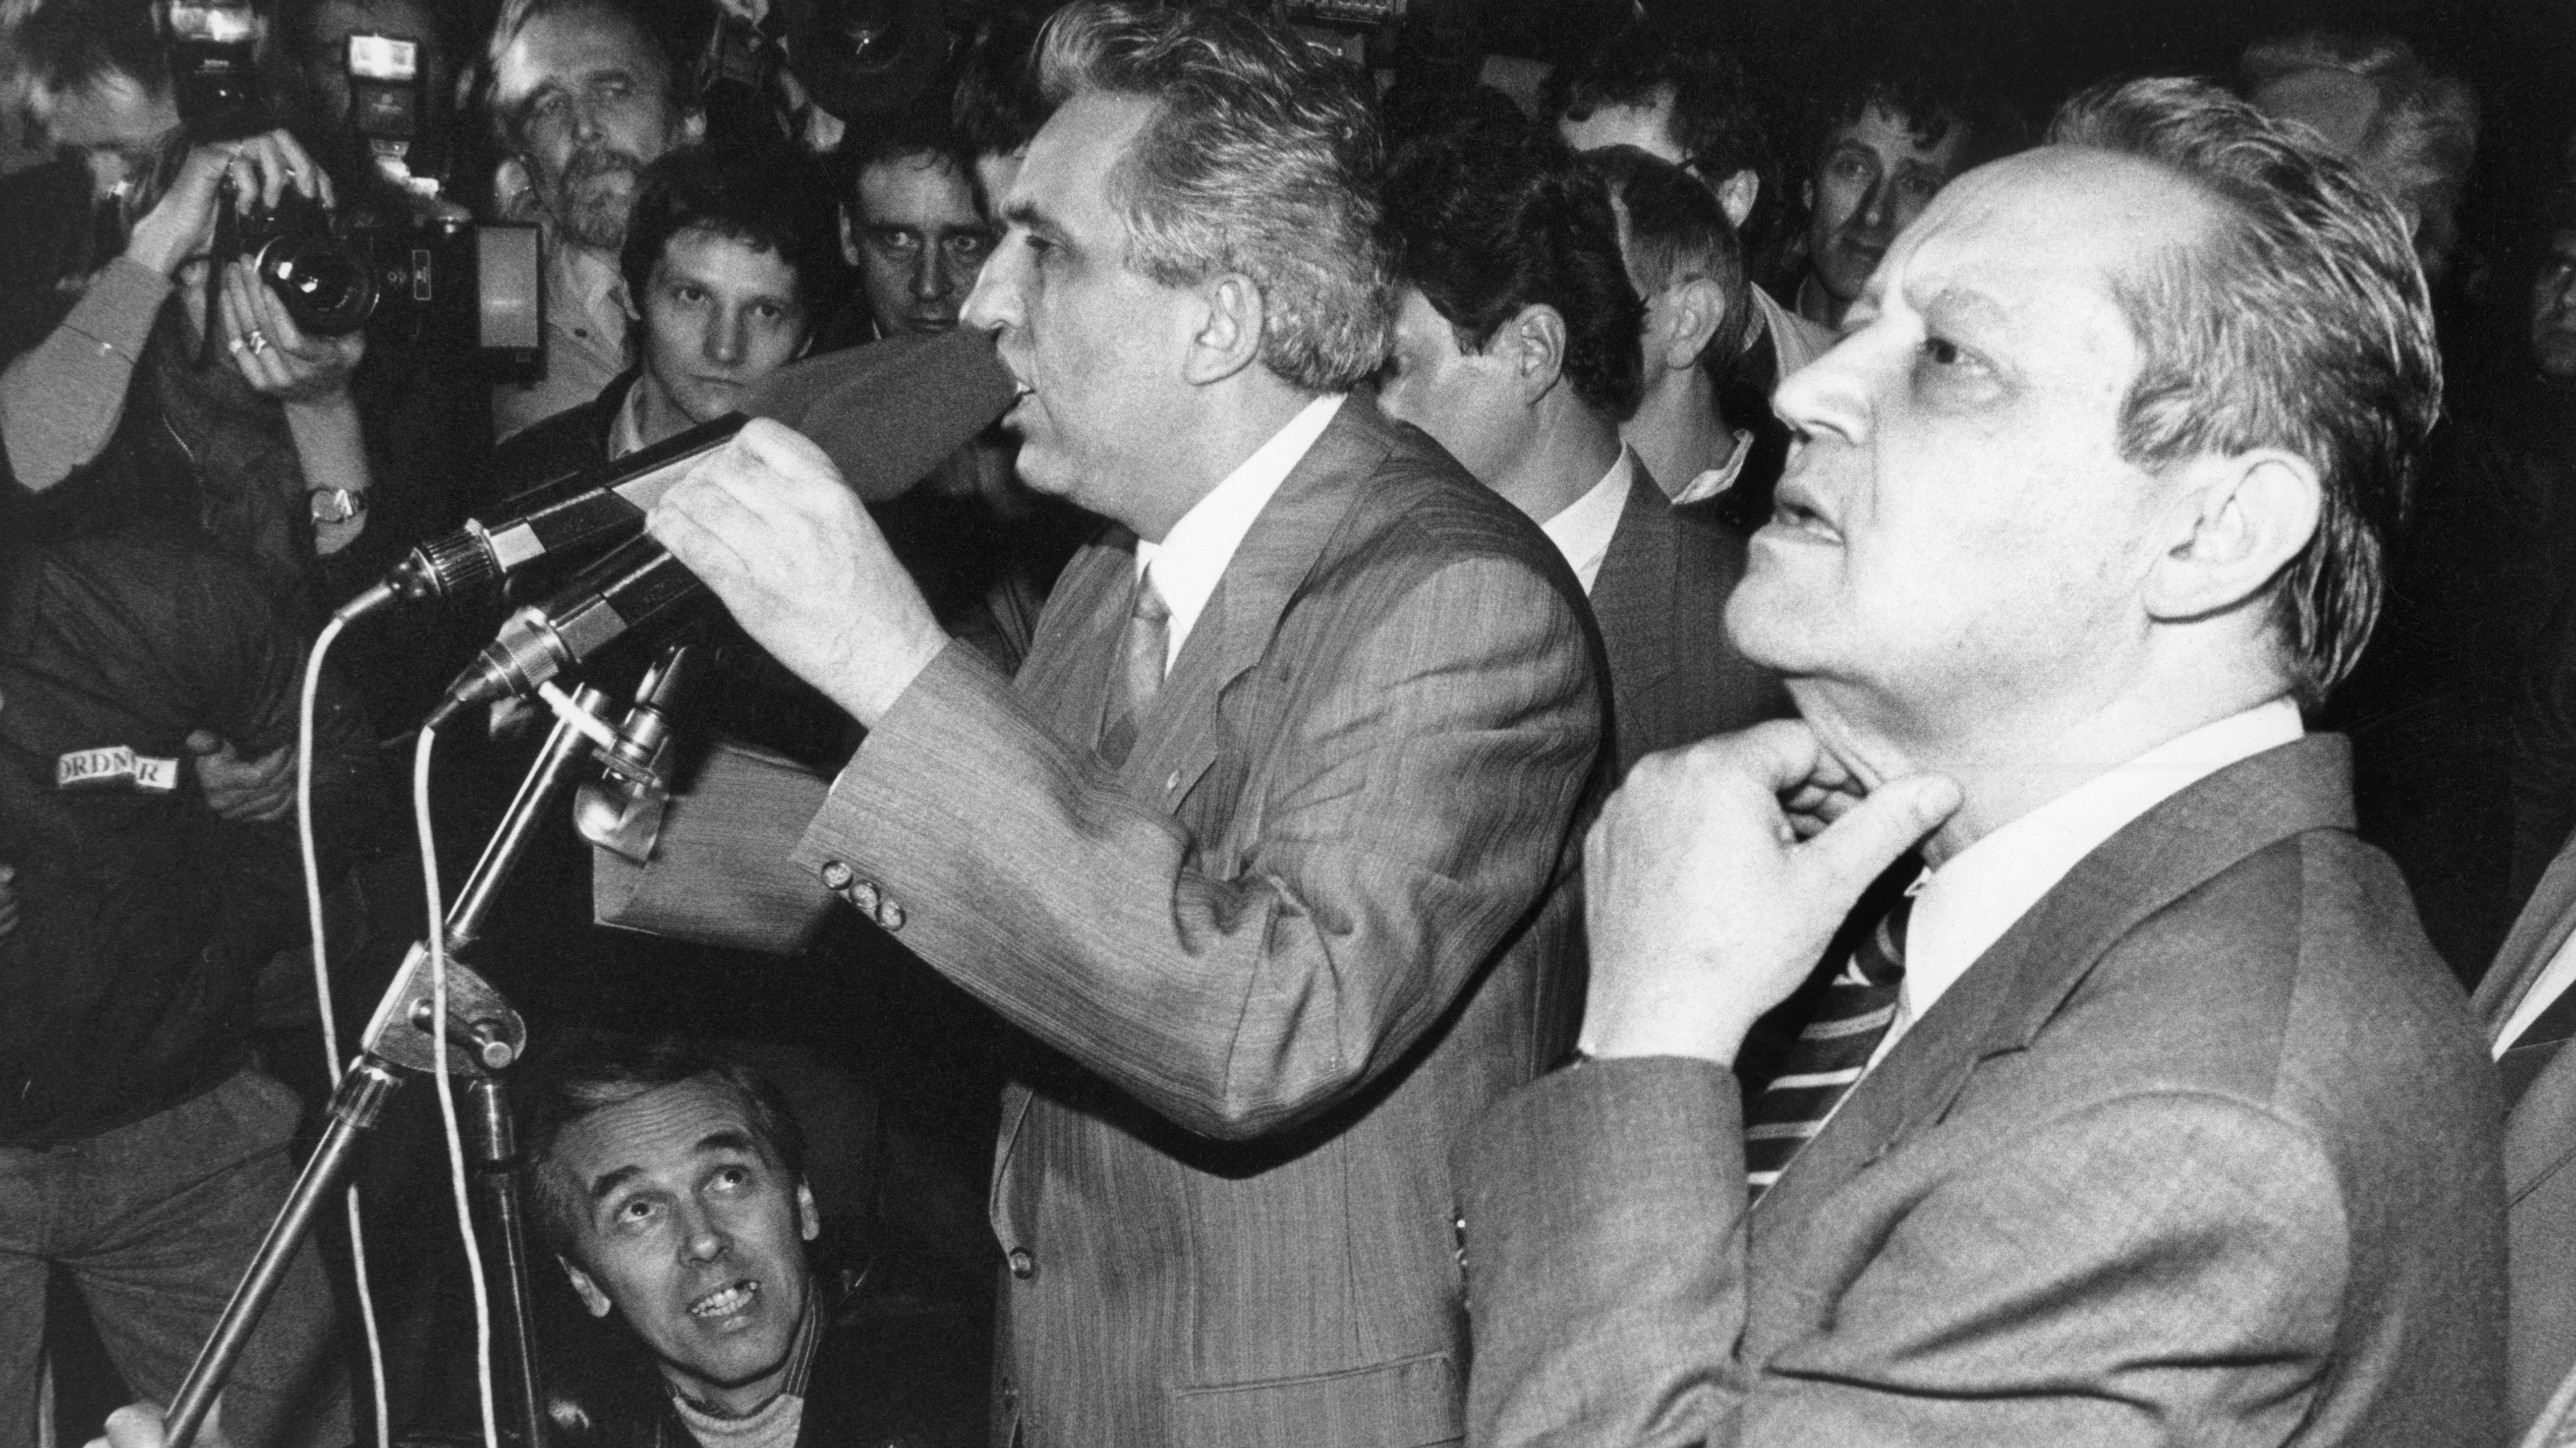 8.11.1989: Egon Krenz und Günter Schabowski vor Demonstranten am Palast der Republik